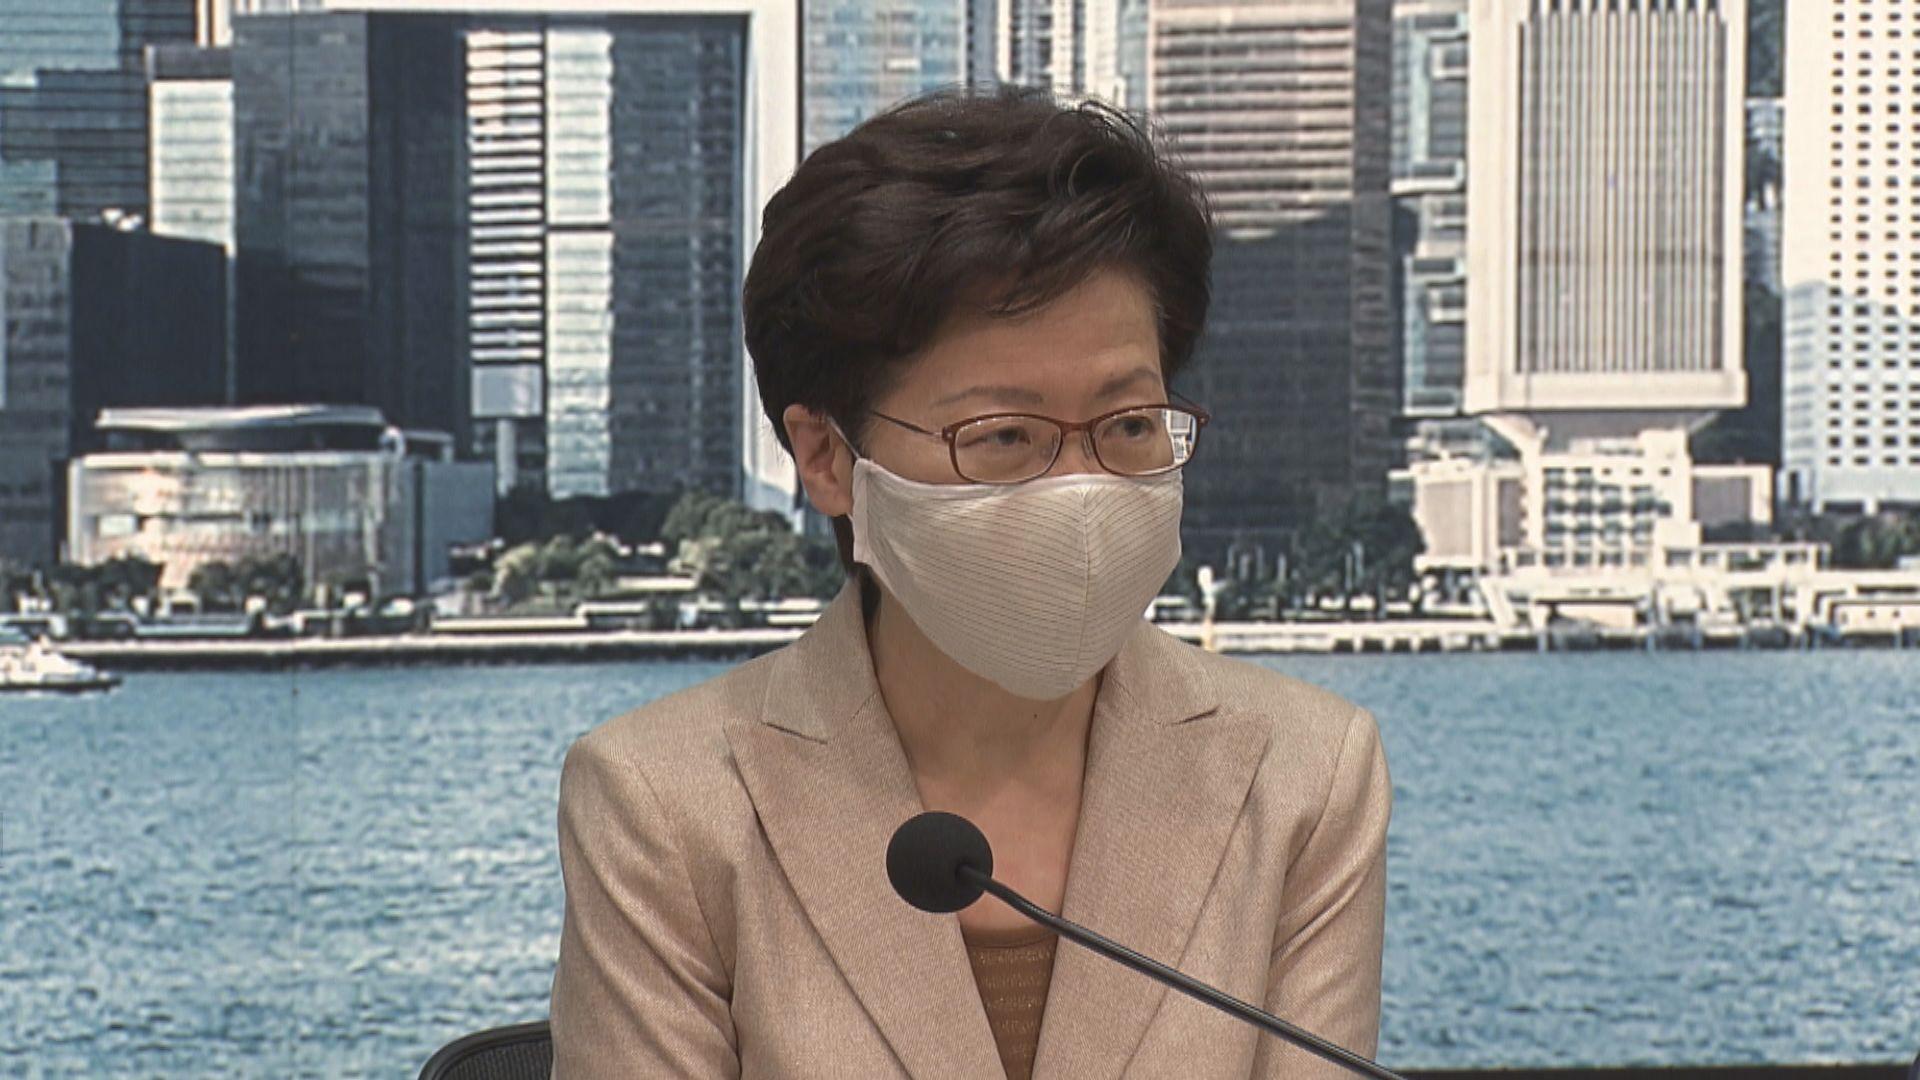 林鄭:居家令或禁足令影響深遠 不會貿然引用